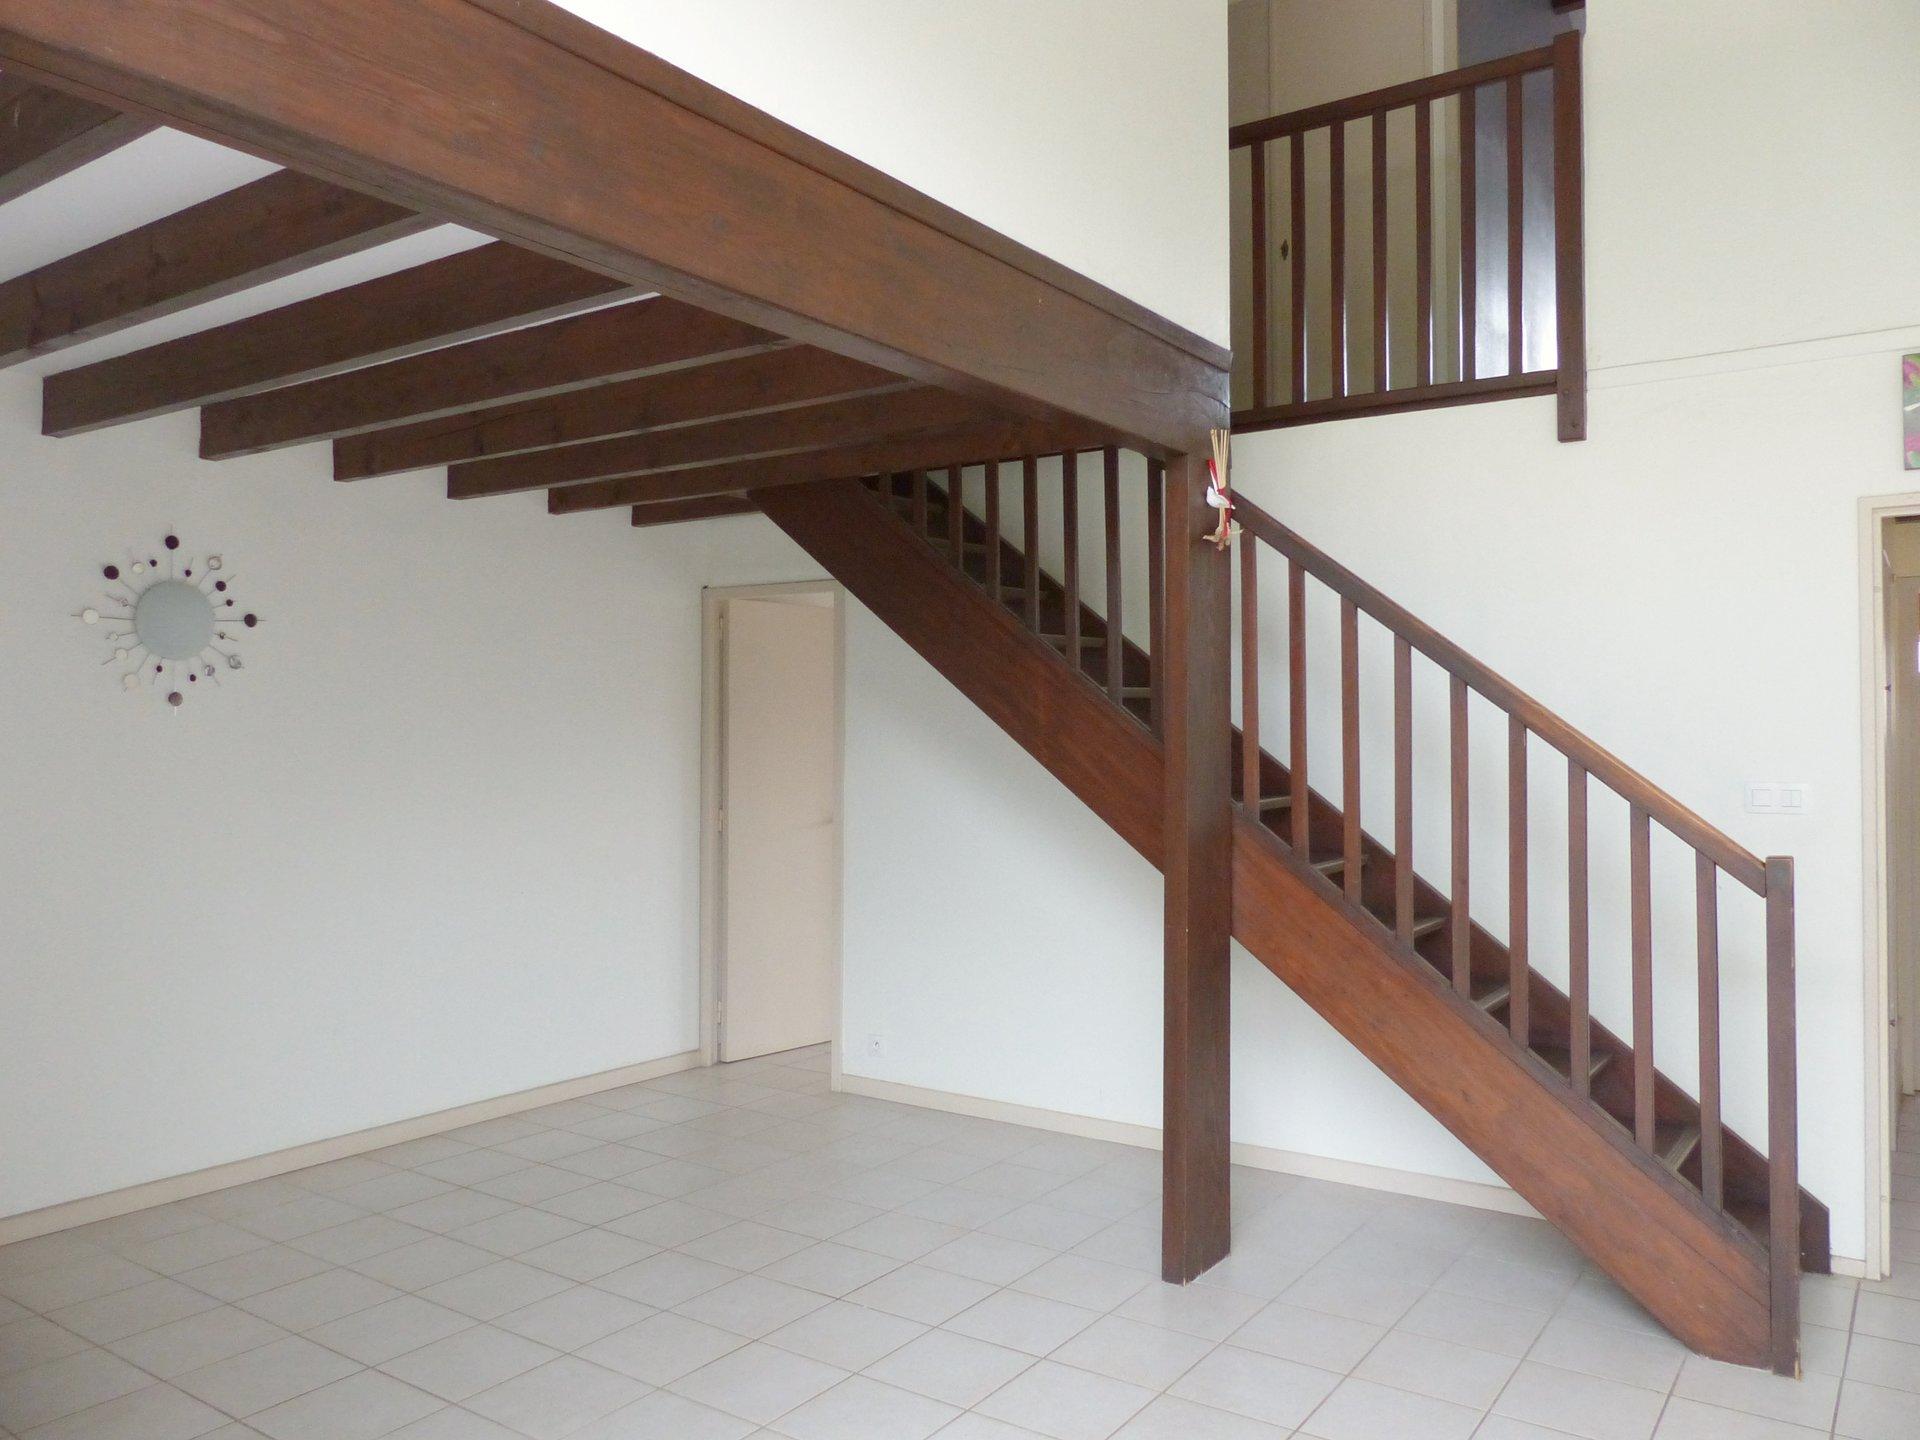 A Mâcon, proche des commodités tout en étant dans un quartier résidentiel calme, maison de ville très bien entretenue avec jardinet.  En rez de chaussée, elle dispose d'une entrée desservant la cuisine aménagée, d'une grande chambre, d'une buanderie et d'un séjour avec une très belle hauteur sous plafond.  A l'étage, elle dispose de trois chambres et d'une salle de douche.  La pièce à vivre donne directement sur un joli jardinet facile d'entretien et bien exposé.  Rénovée en 2013 (électricité, plomberie, intérieur et aménagement extérieur), il ne reste plus qu'à la mettre à son goût.  Les plus : Un garage ainsi qu'un rendement non négligeable grâce à ses panneaux solaires !